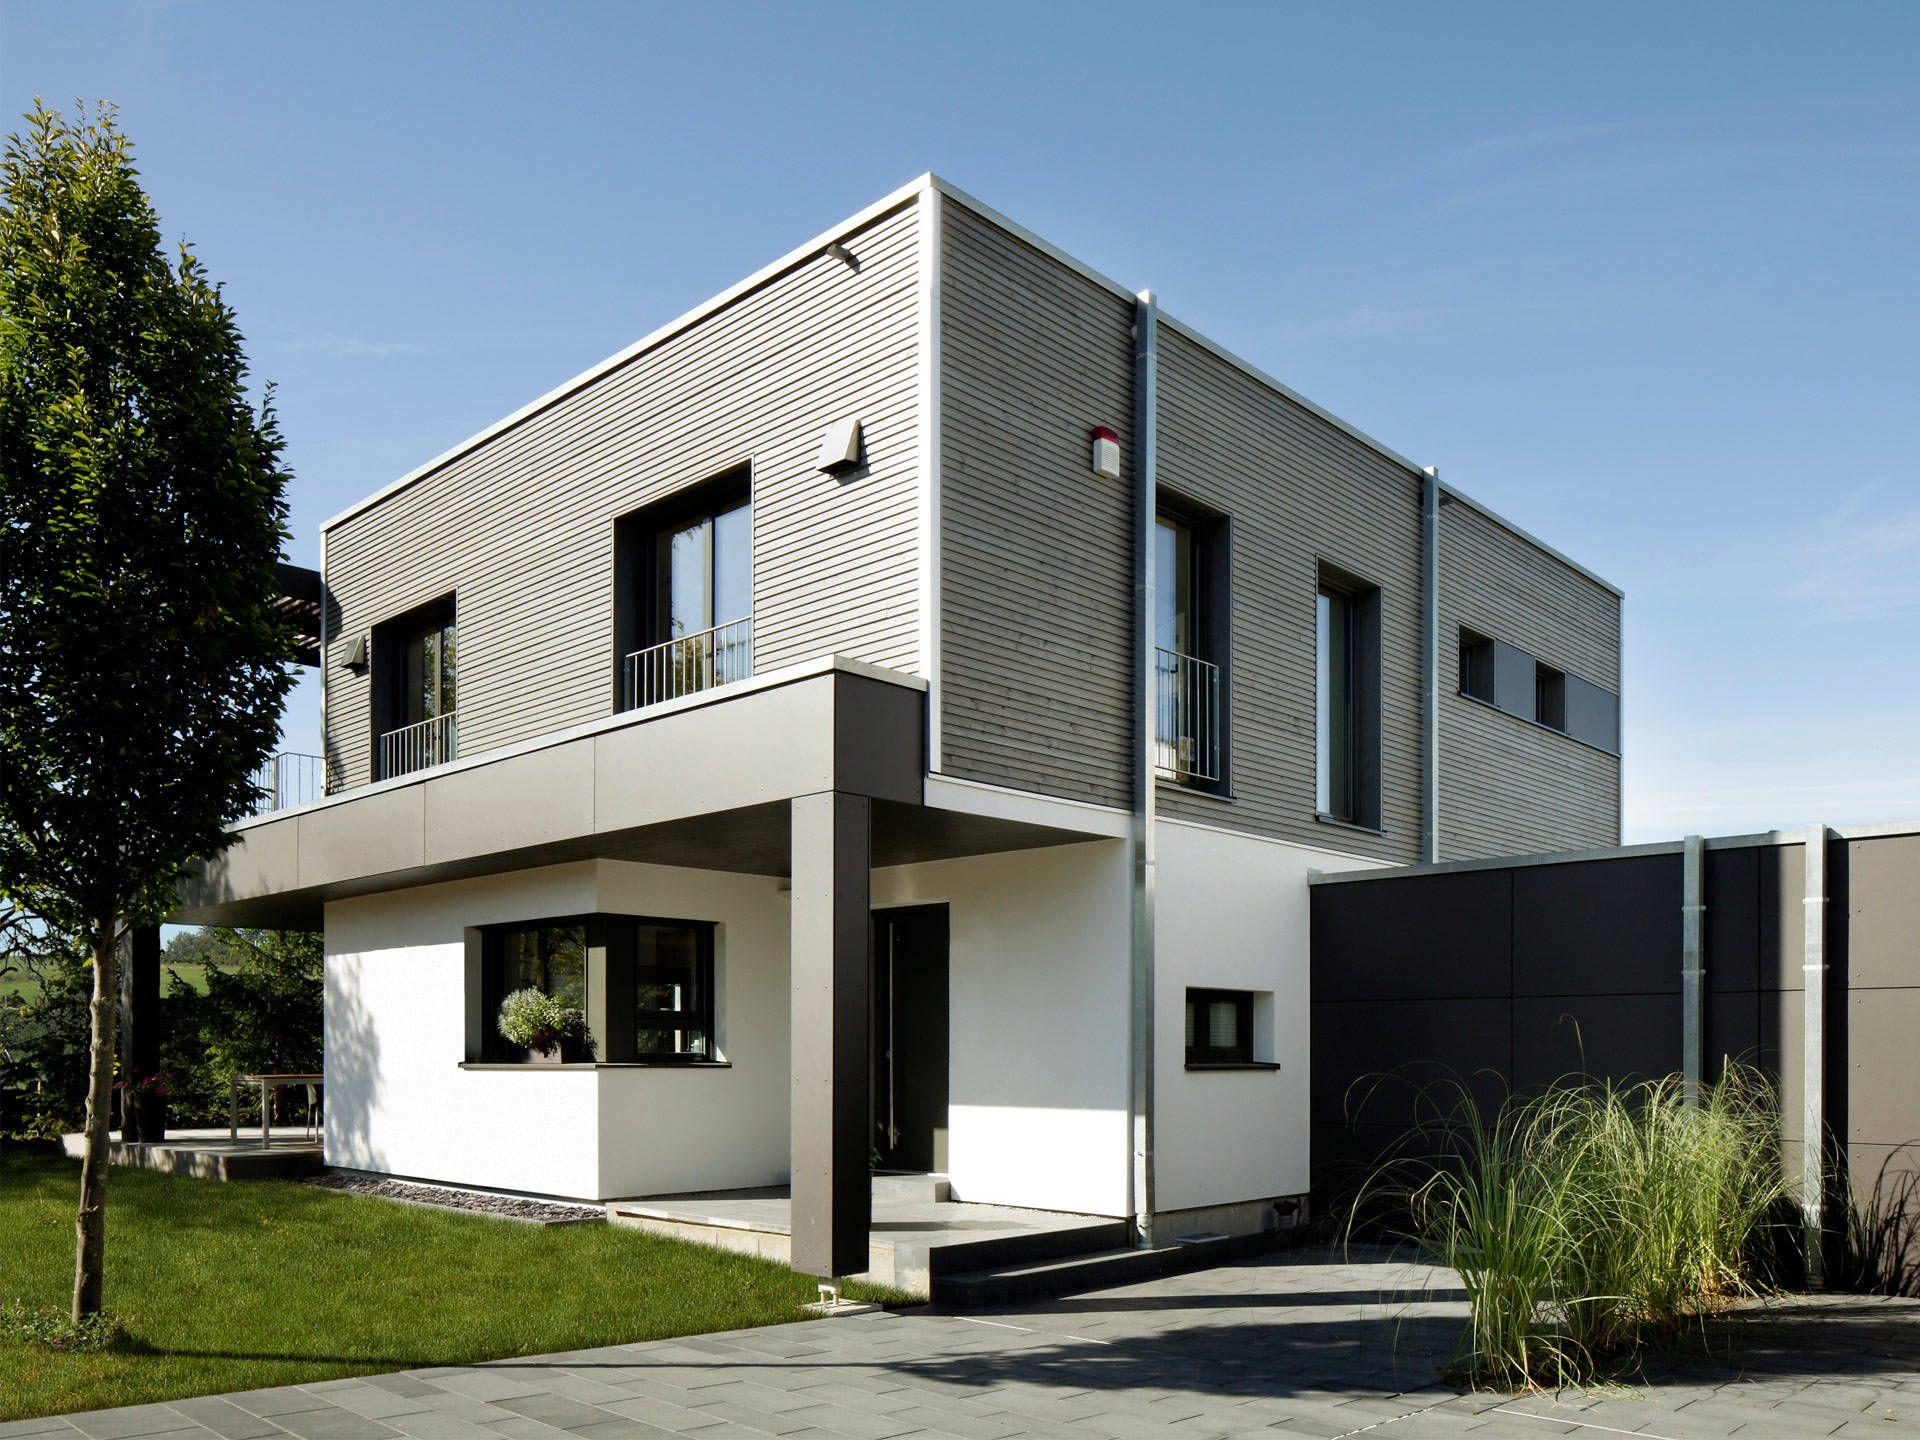 Doppelhaus nilles bauhaus cubus kubushaus pinterest haus kubus haus und bauhaus - Farbkonzept haus ...